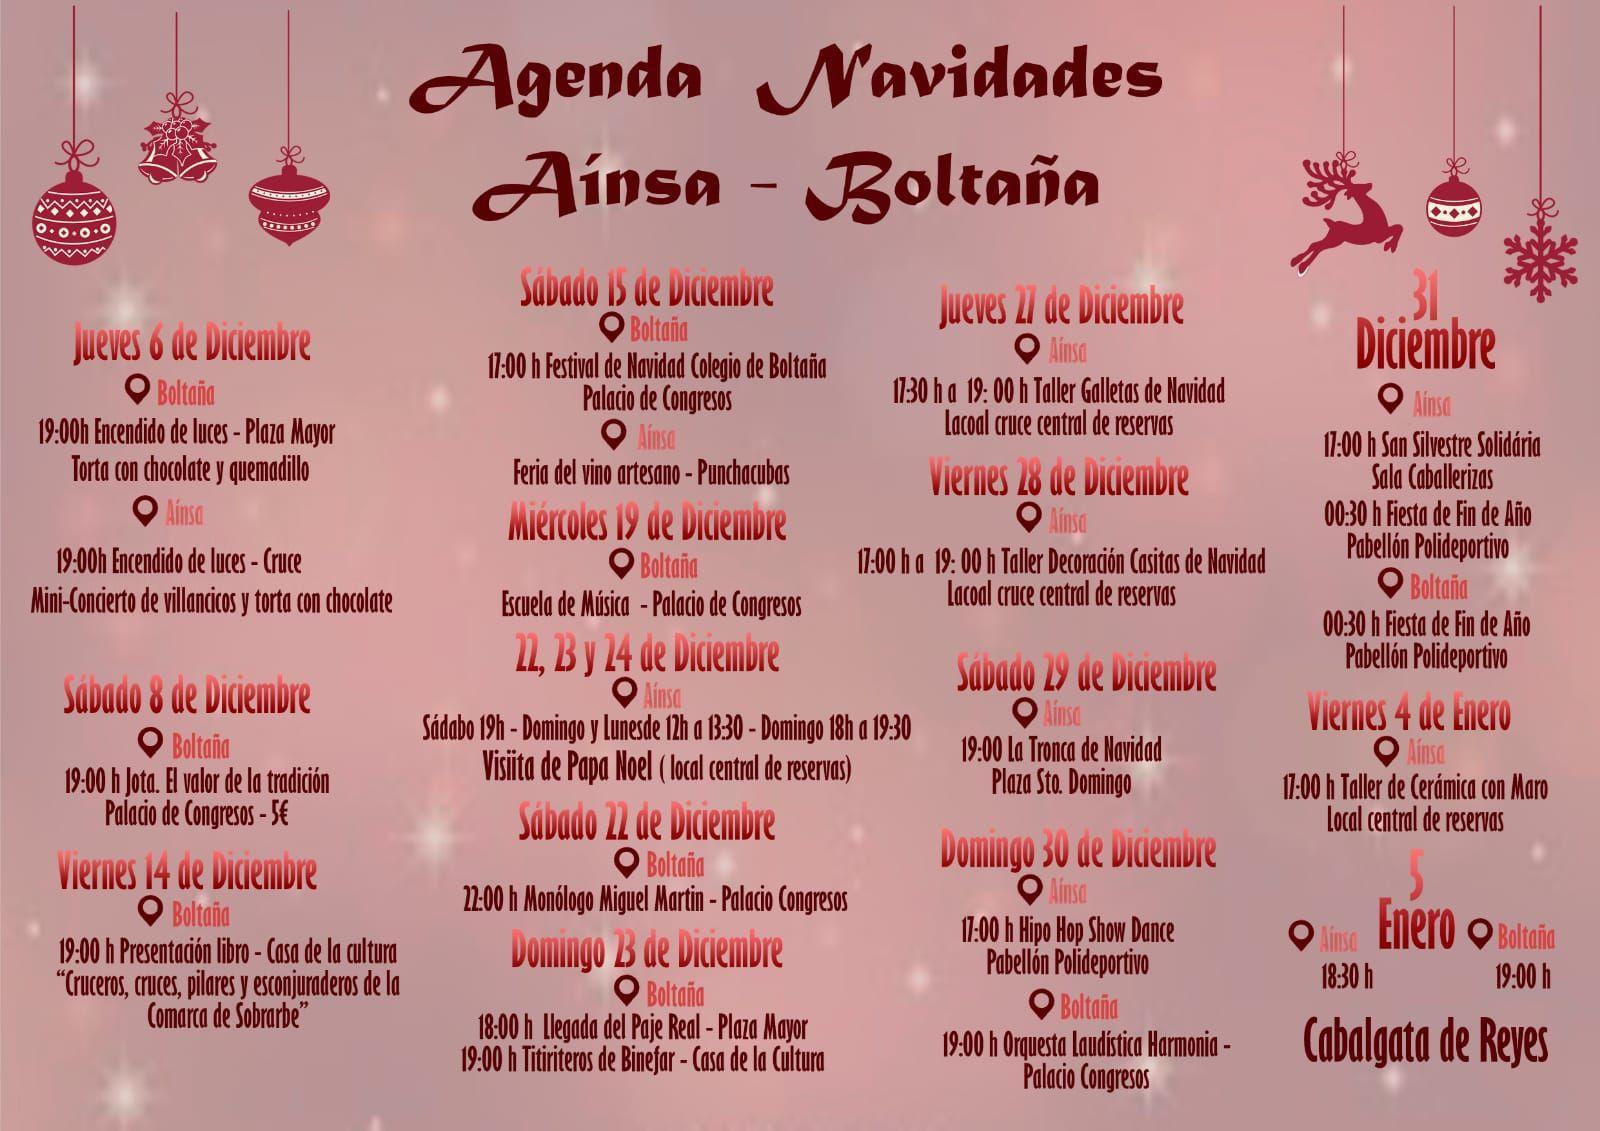 Navidades en Aínsa y Boltaña